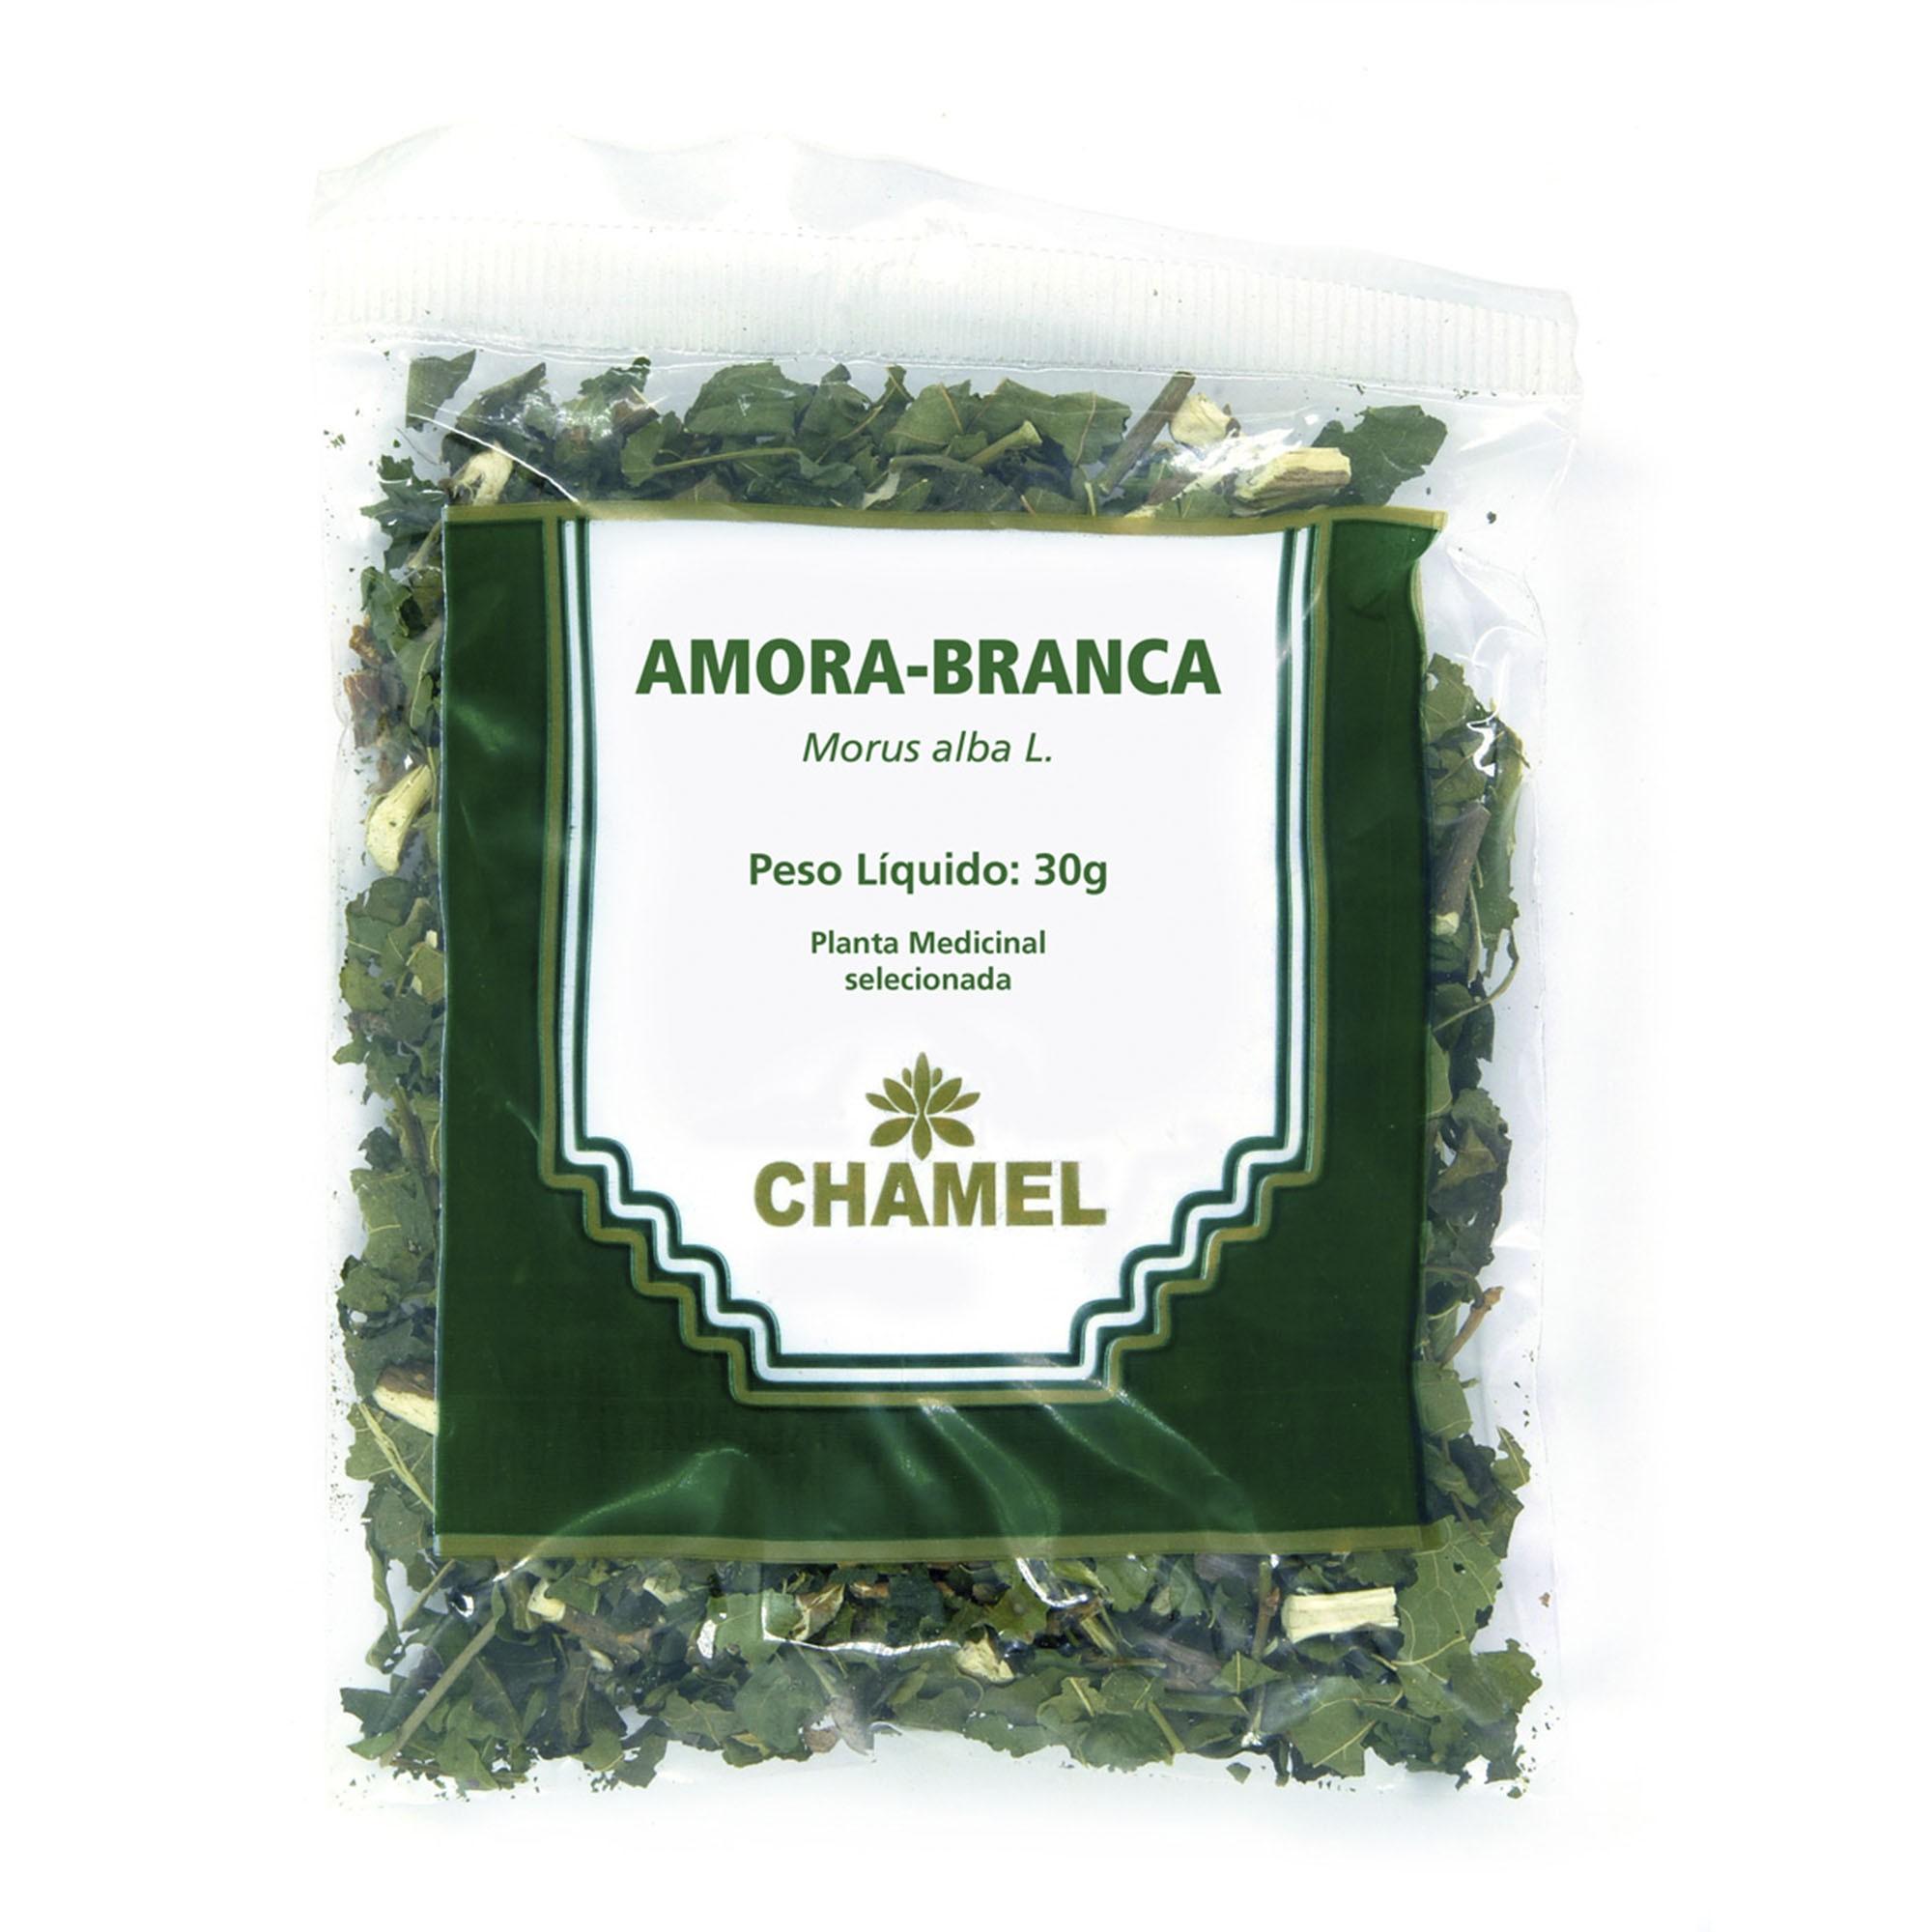 Amora 30g Chamel - Chá-Folhas